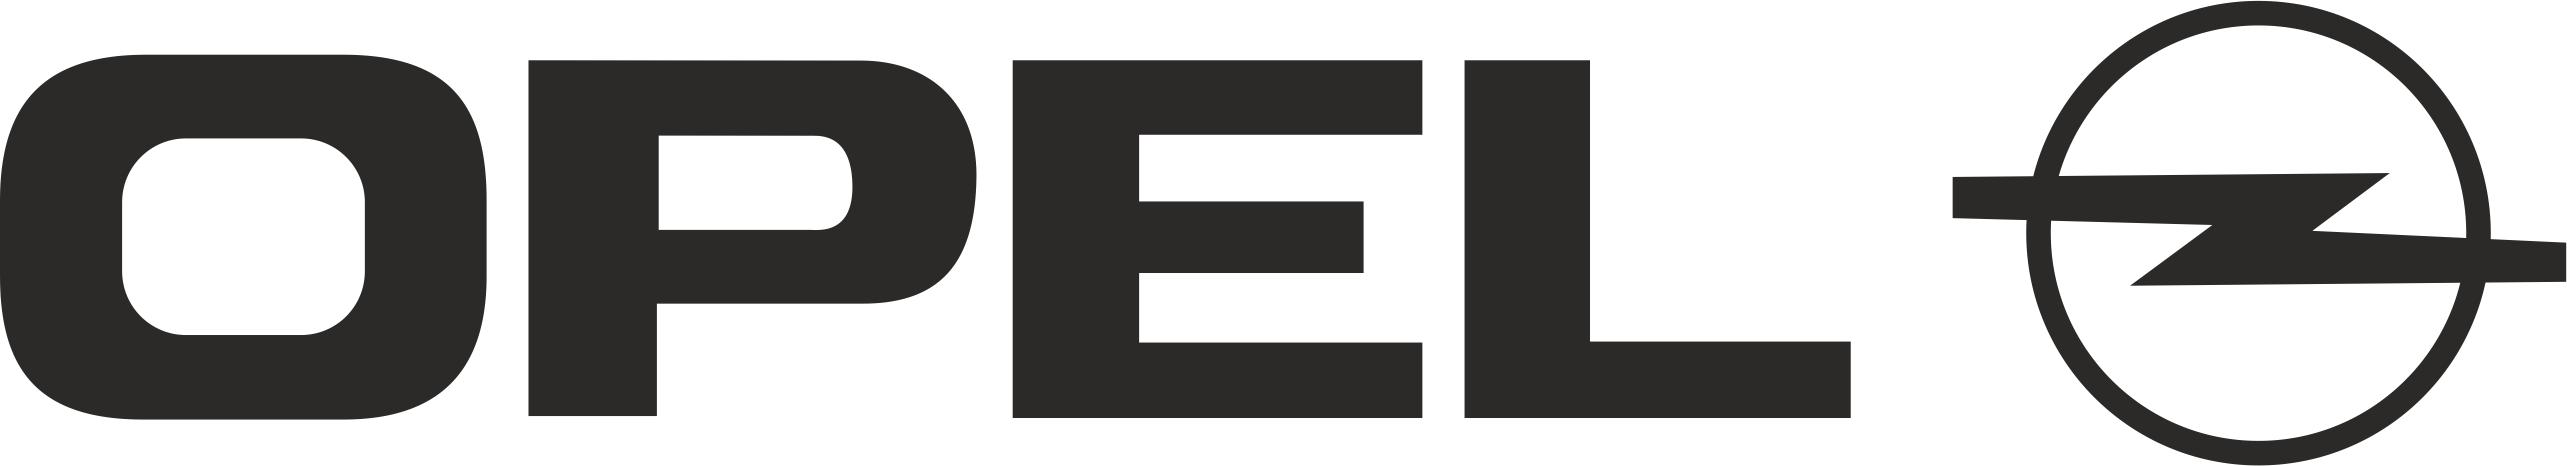 Opel Logo Vector CDR File